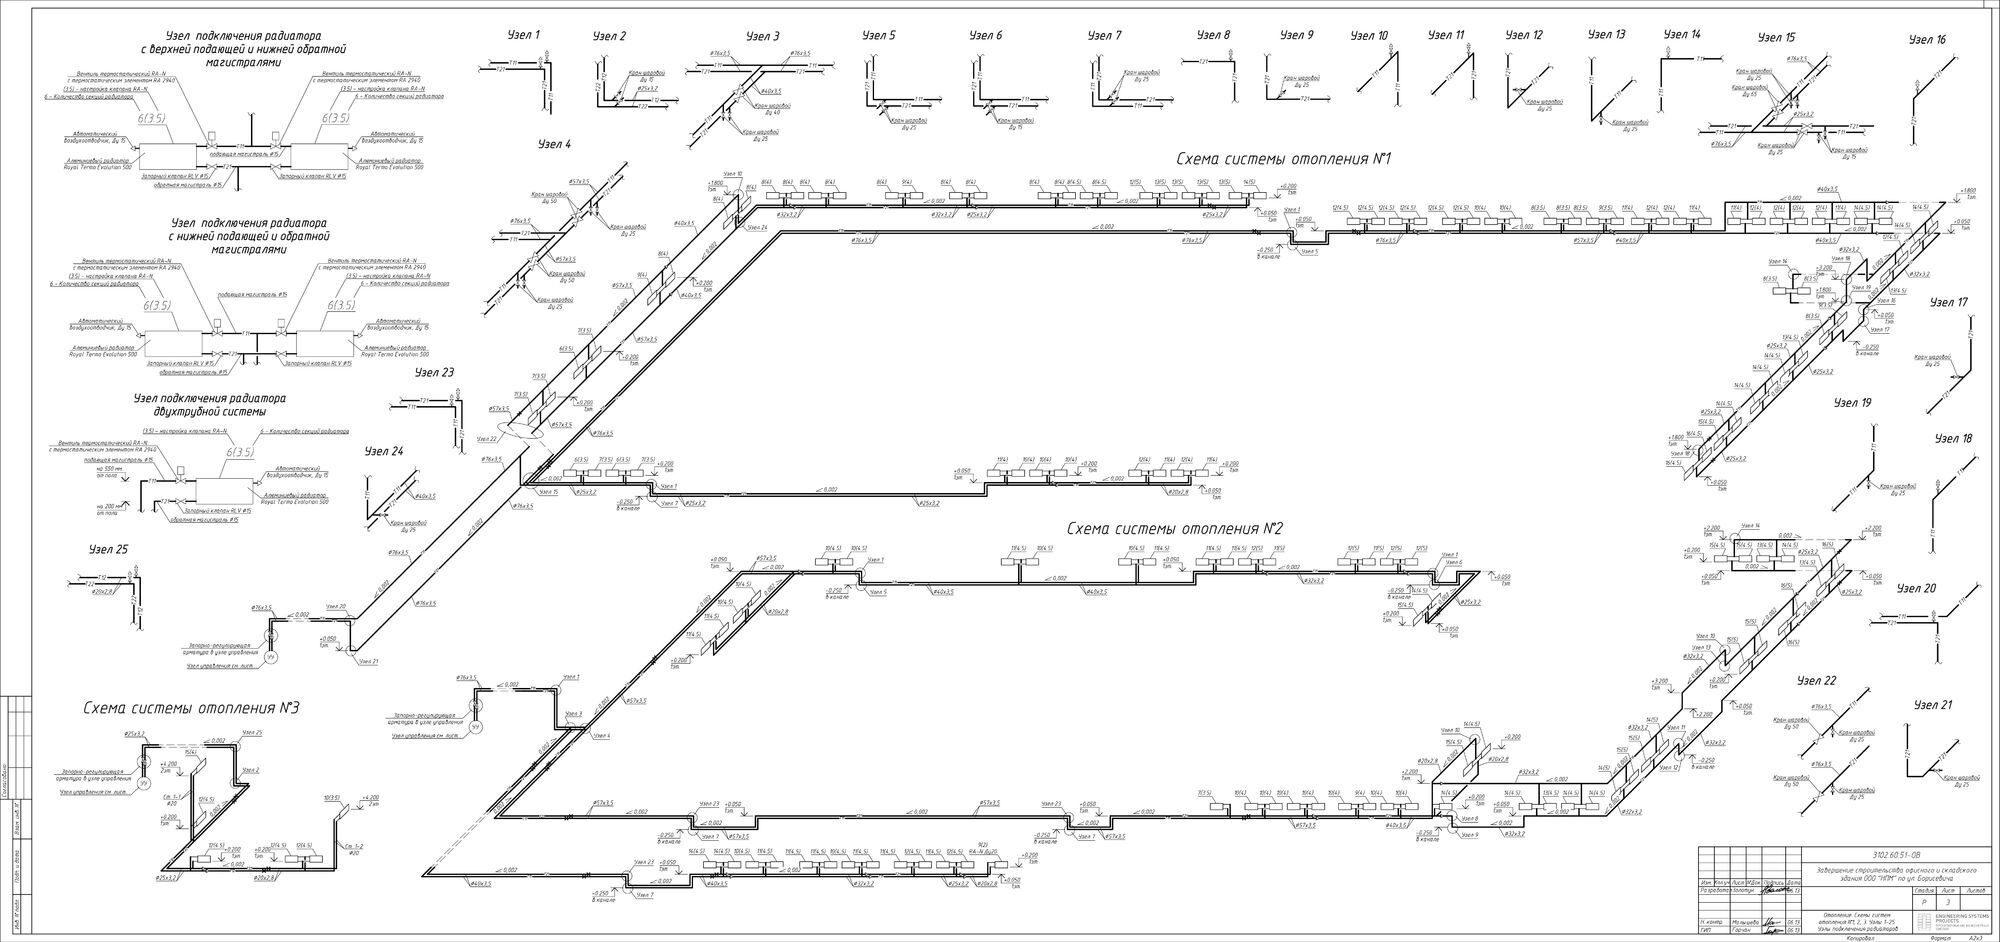 Схема системы отопления склада